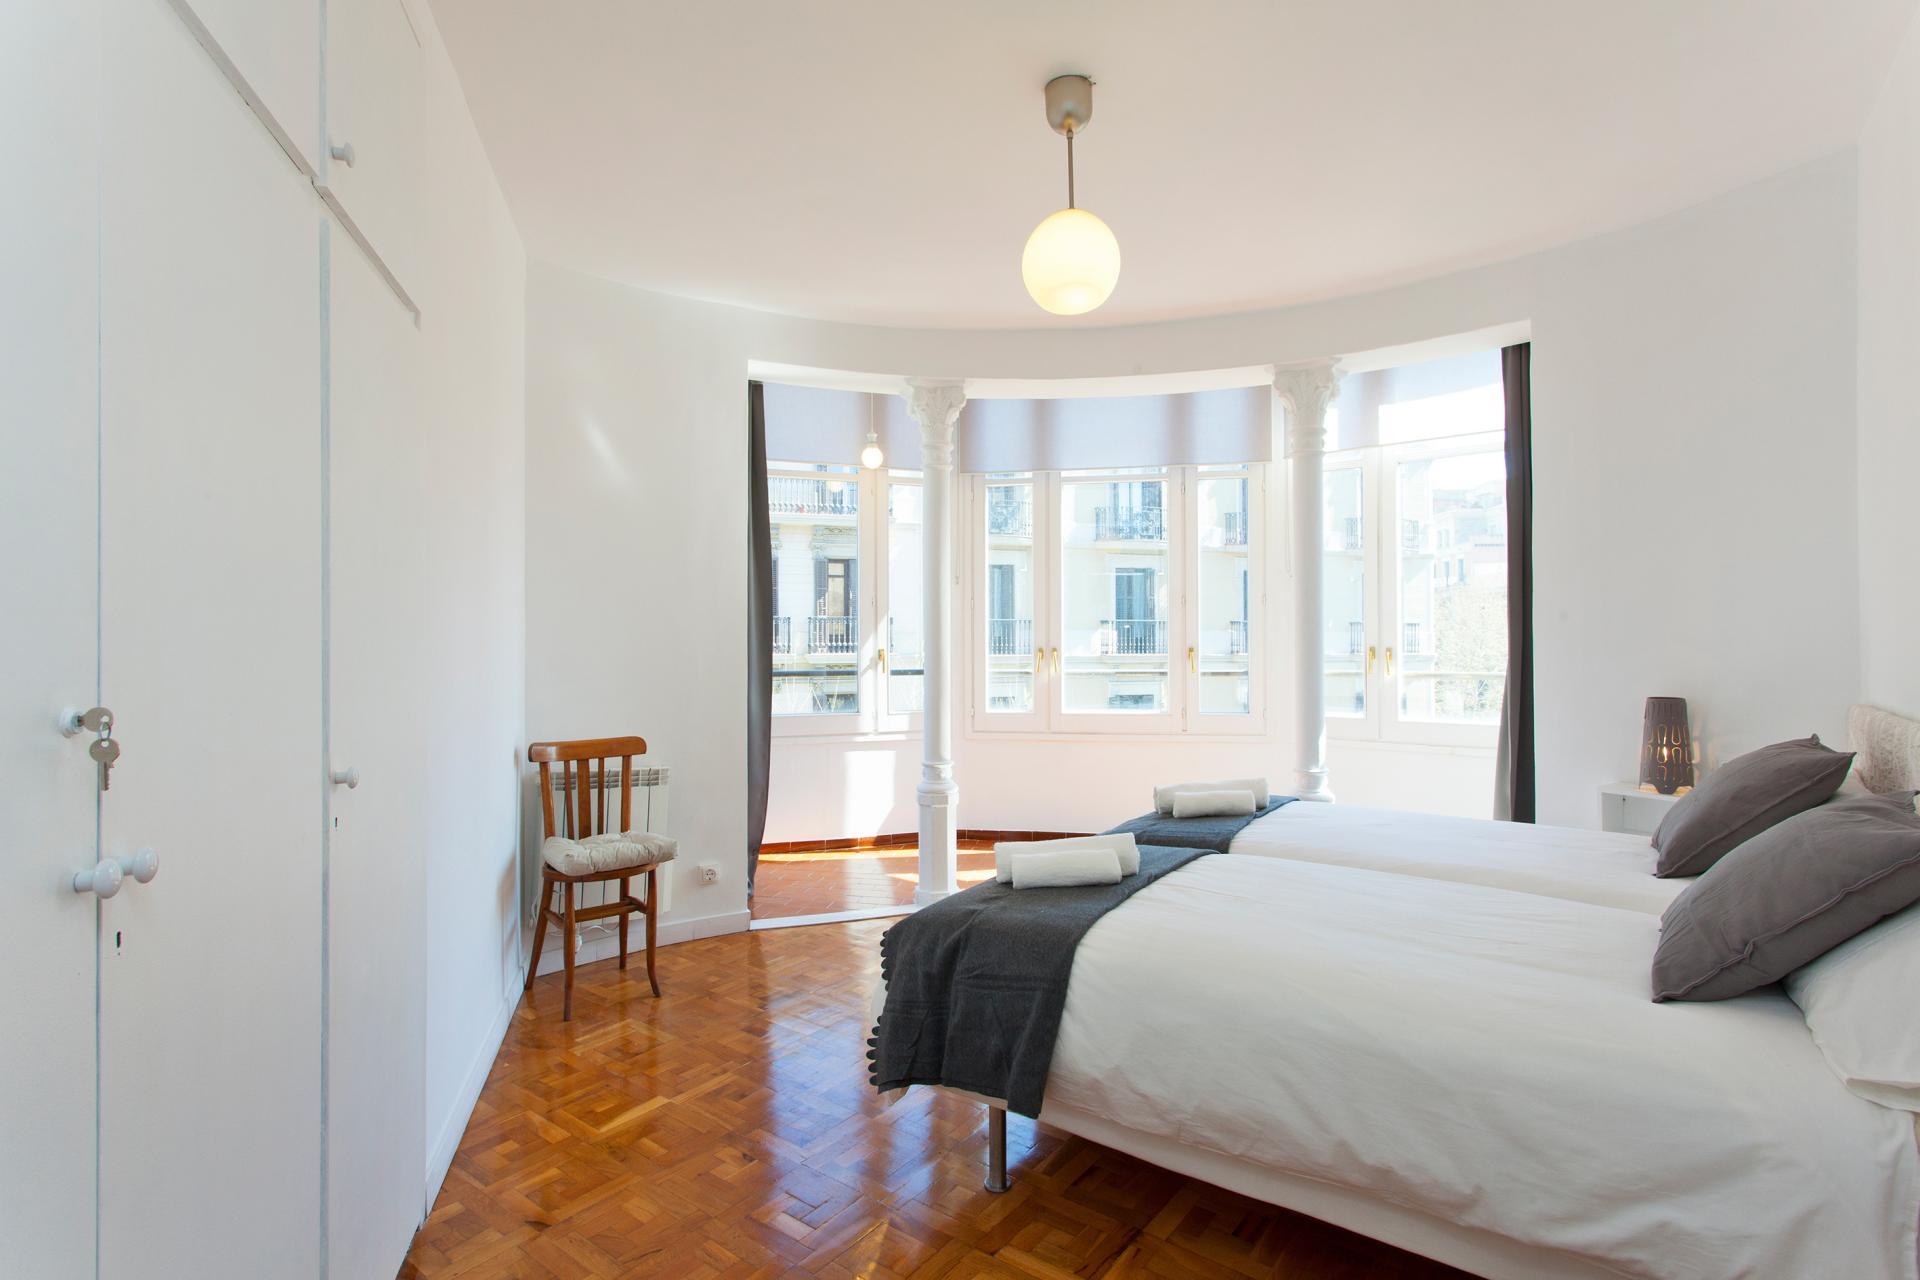 Alquilar pisos por d as en barcelona shbarcelona diario de viaje barcelona - Alquiler piso por meses barcelona ...